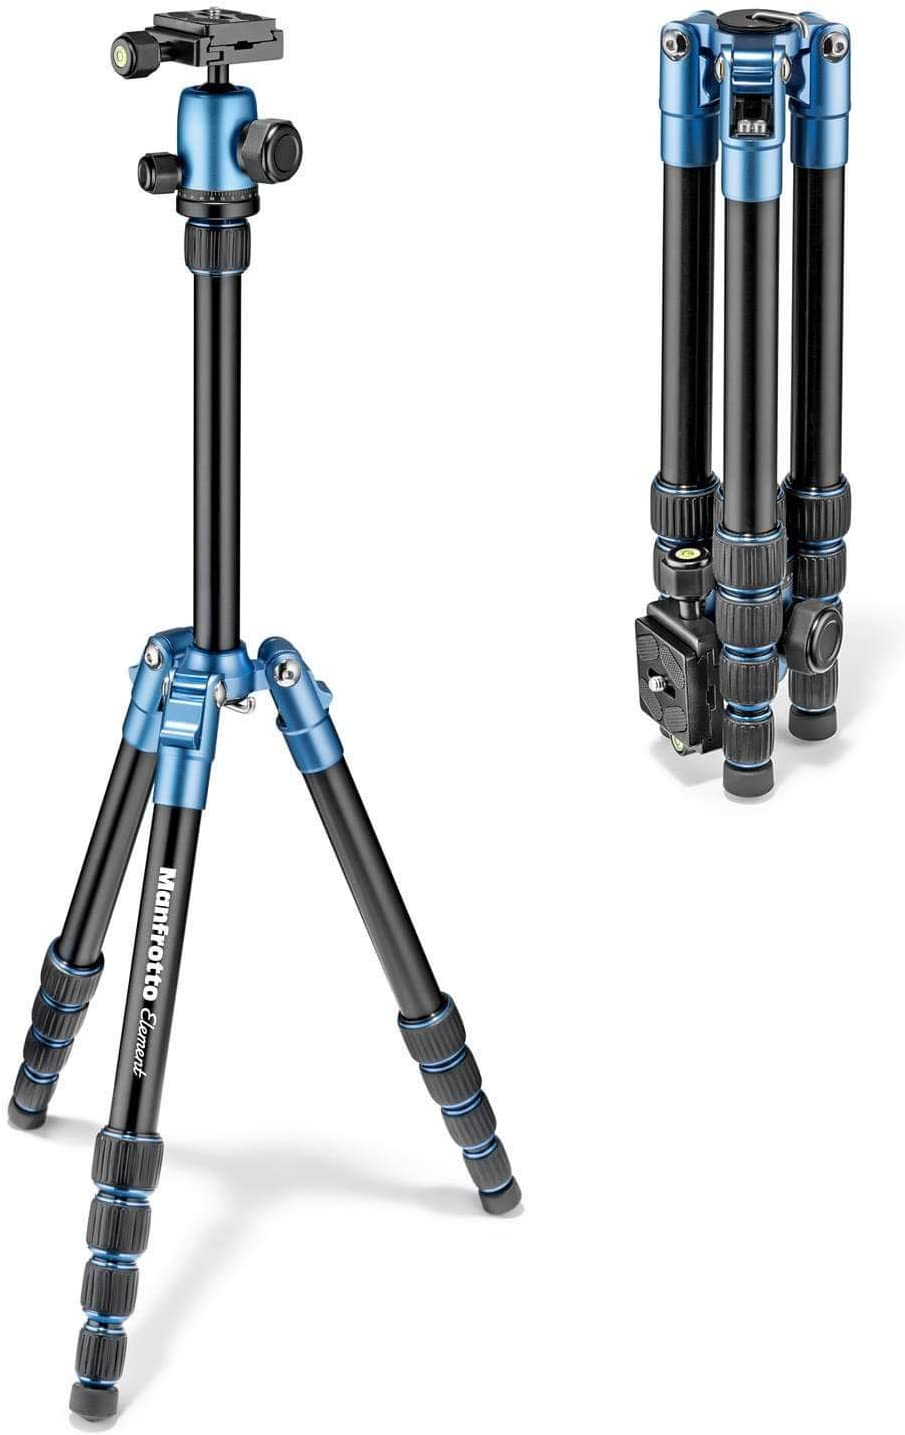 Carga 8 kg CSC Manfrotto Element MKELMII4BMB-BH MII Mobile Bluetooth Bolsa Zapata Comp Tr/ípode Viaje en Aluminio para DSLR compactas y m/óvil con Arca